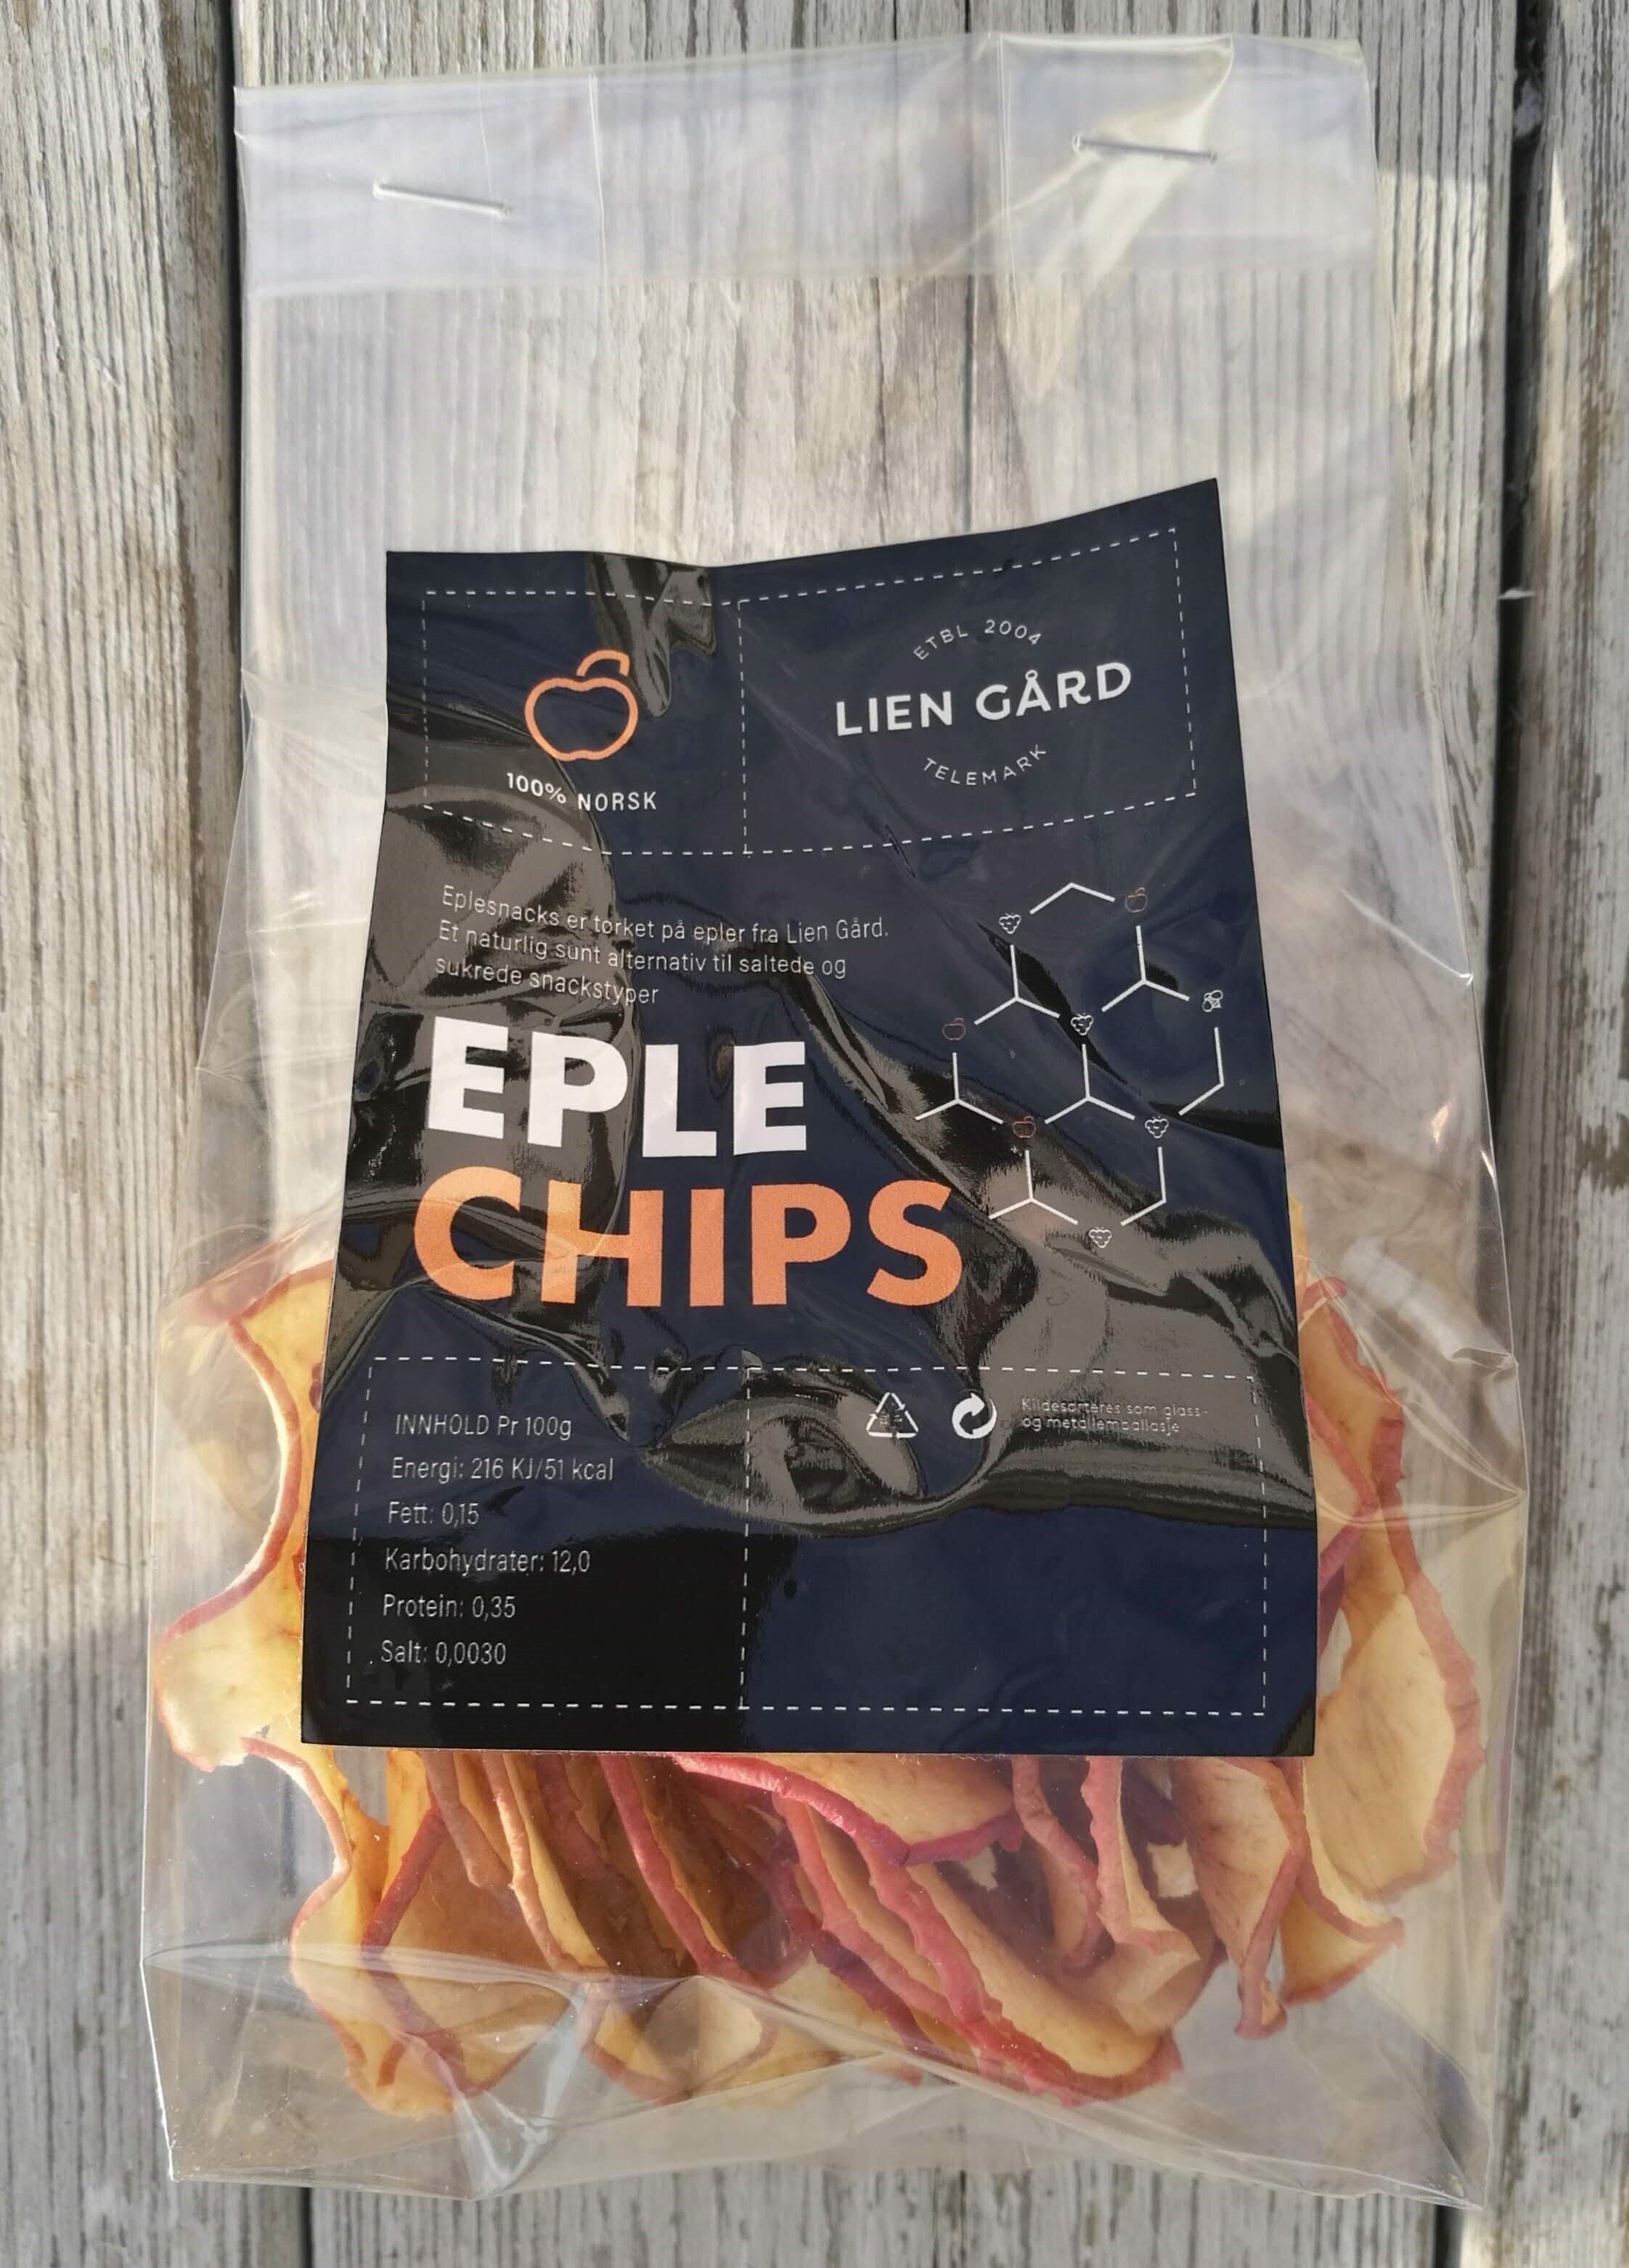 EPLE CHIPS - Tørket eple er et eple snacks som er tørket på epler fra gården. Et naturlig sunt alternativ til saltede og sukrede snackstyper. Netto innhold 30g ferdig tørket vare